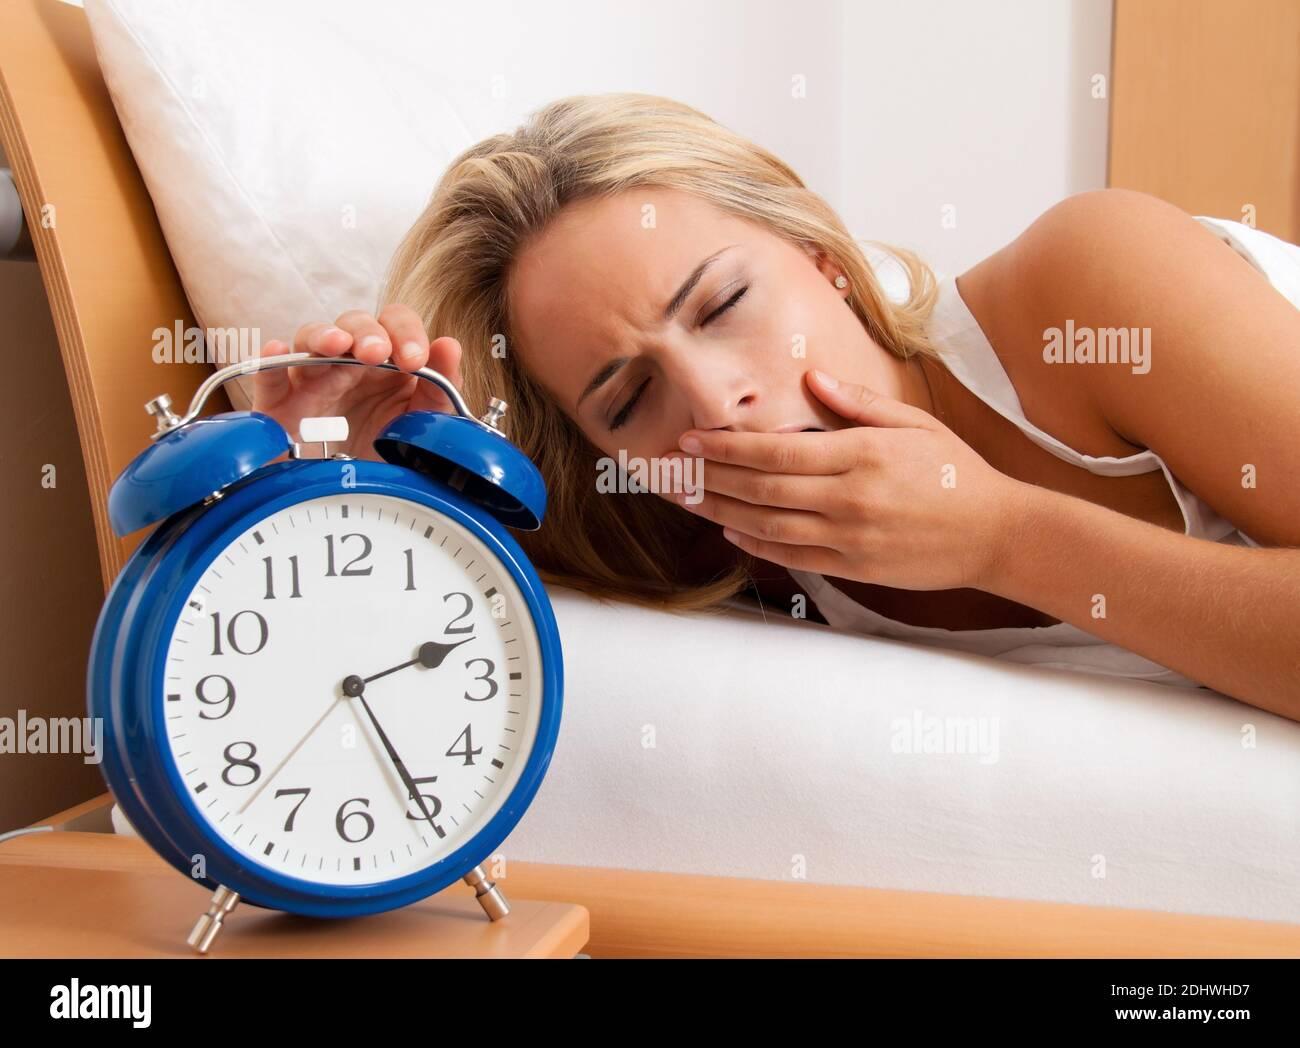 Blonde Frau kann nicht schlafen. Wecker zeigt 2.25 in der Nacht, Stock Photo